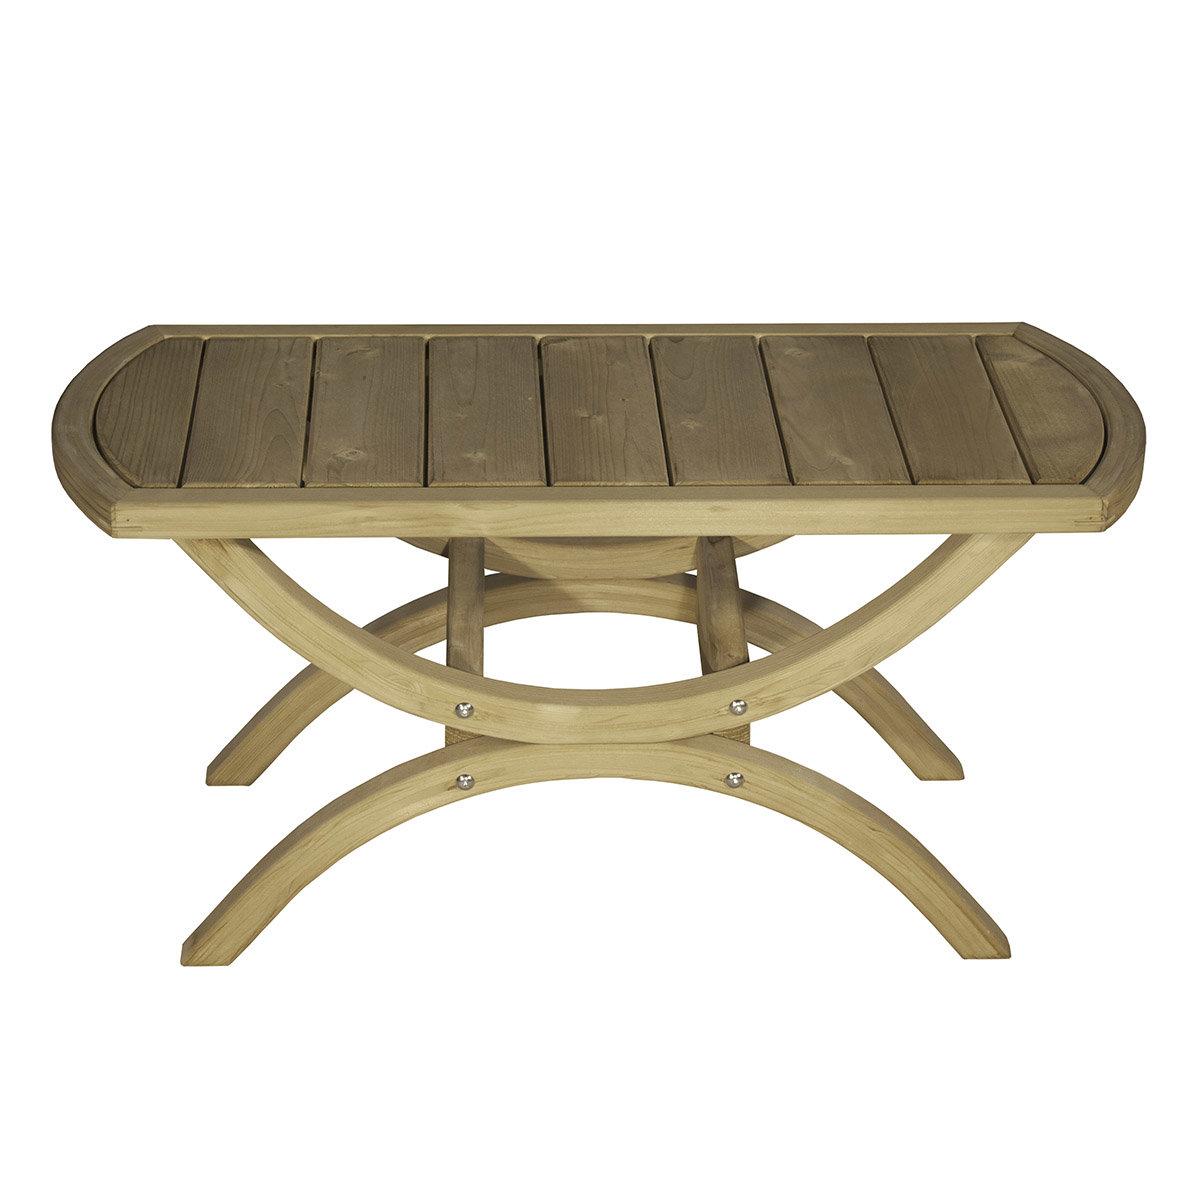 Gartentisch Tavolino Beistelltisch Braun Online Kaufen Bei Gartner